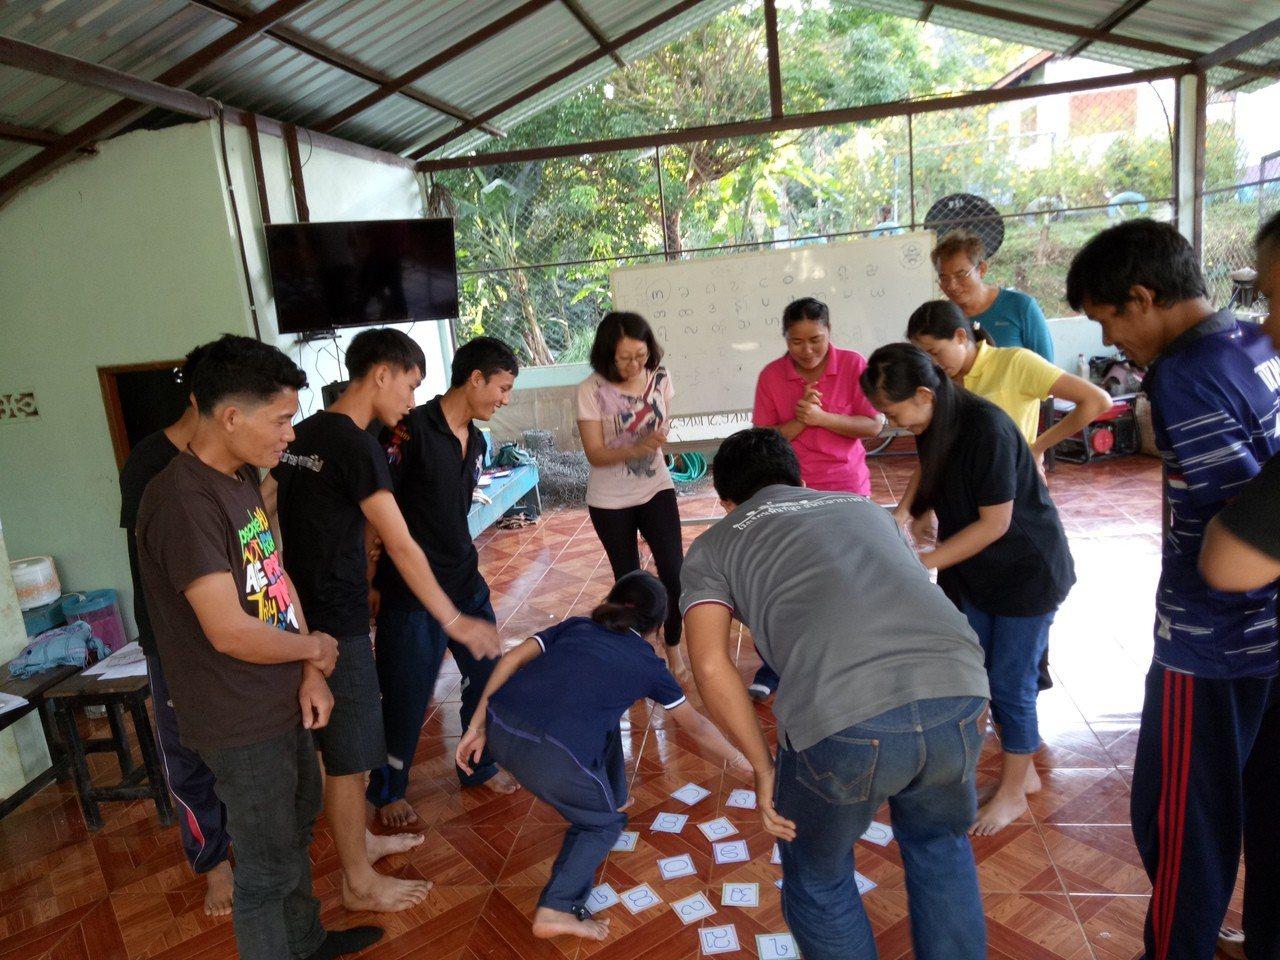 吳佩璇(左4)參與「師訓」,設計克倫文字字卡搶答活動,現場參與教師亦將這遊戲應用...